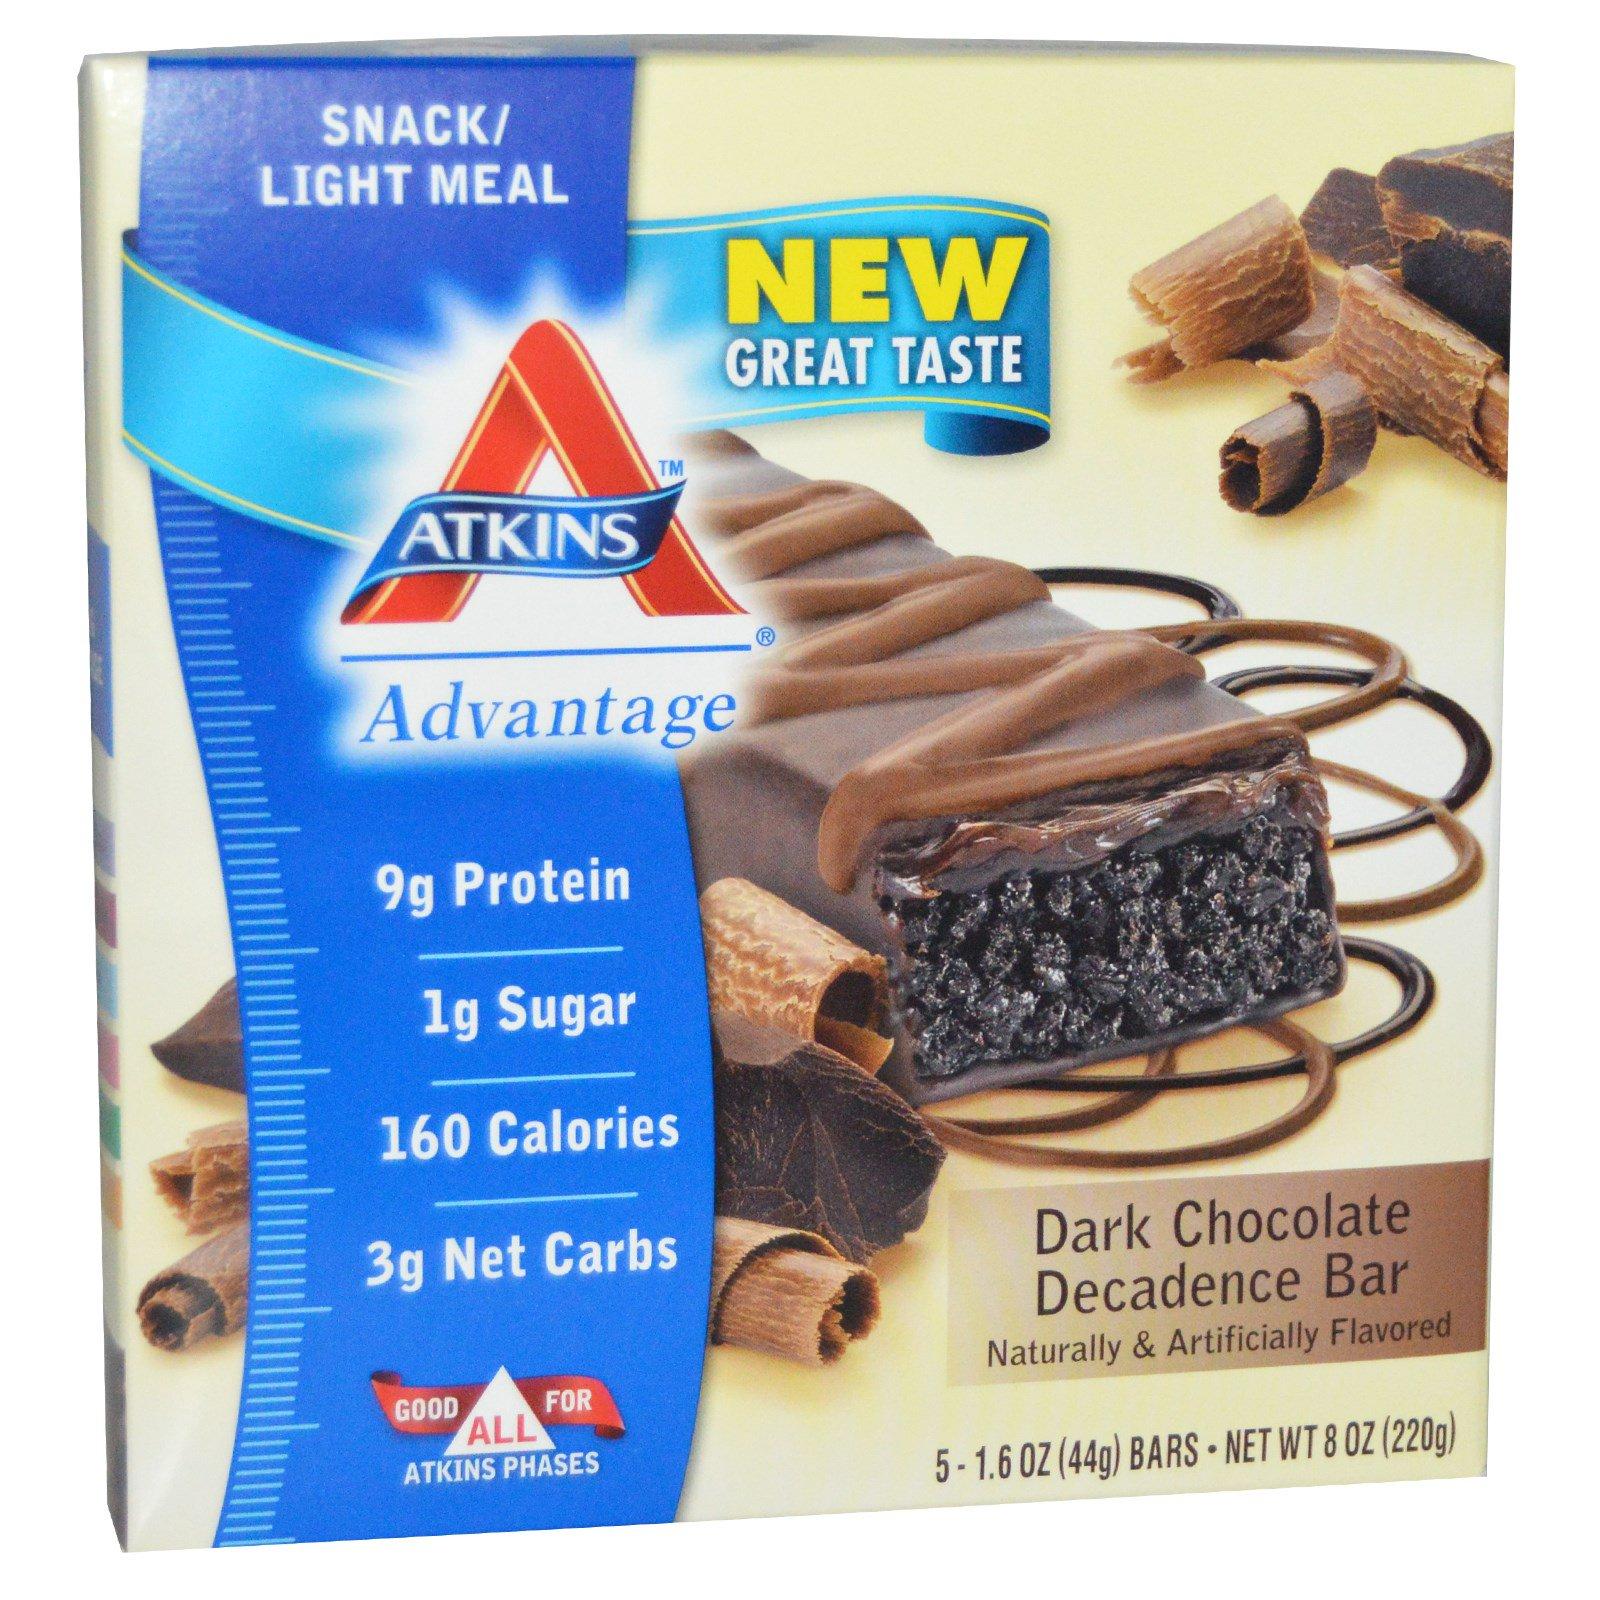 Atkins, Батончики с темным шоколадом, 5 батончиков, 1.6 унций (44 г.) каждый